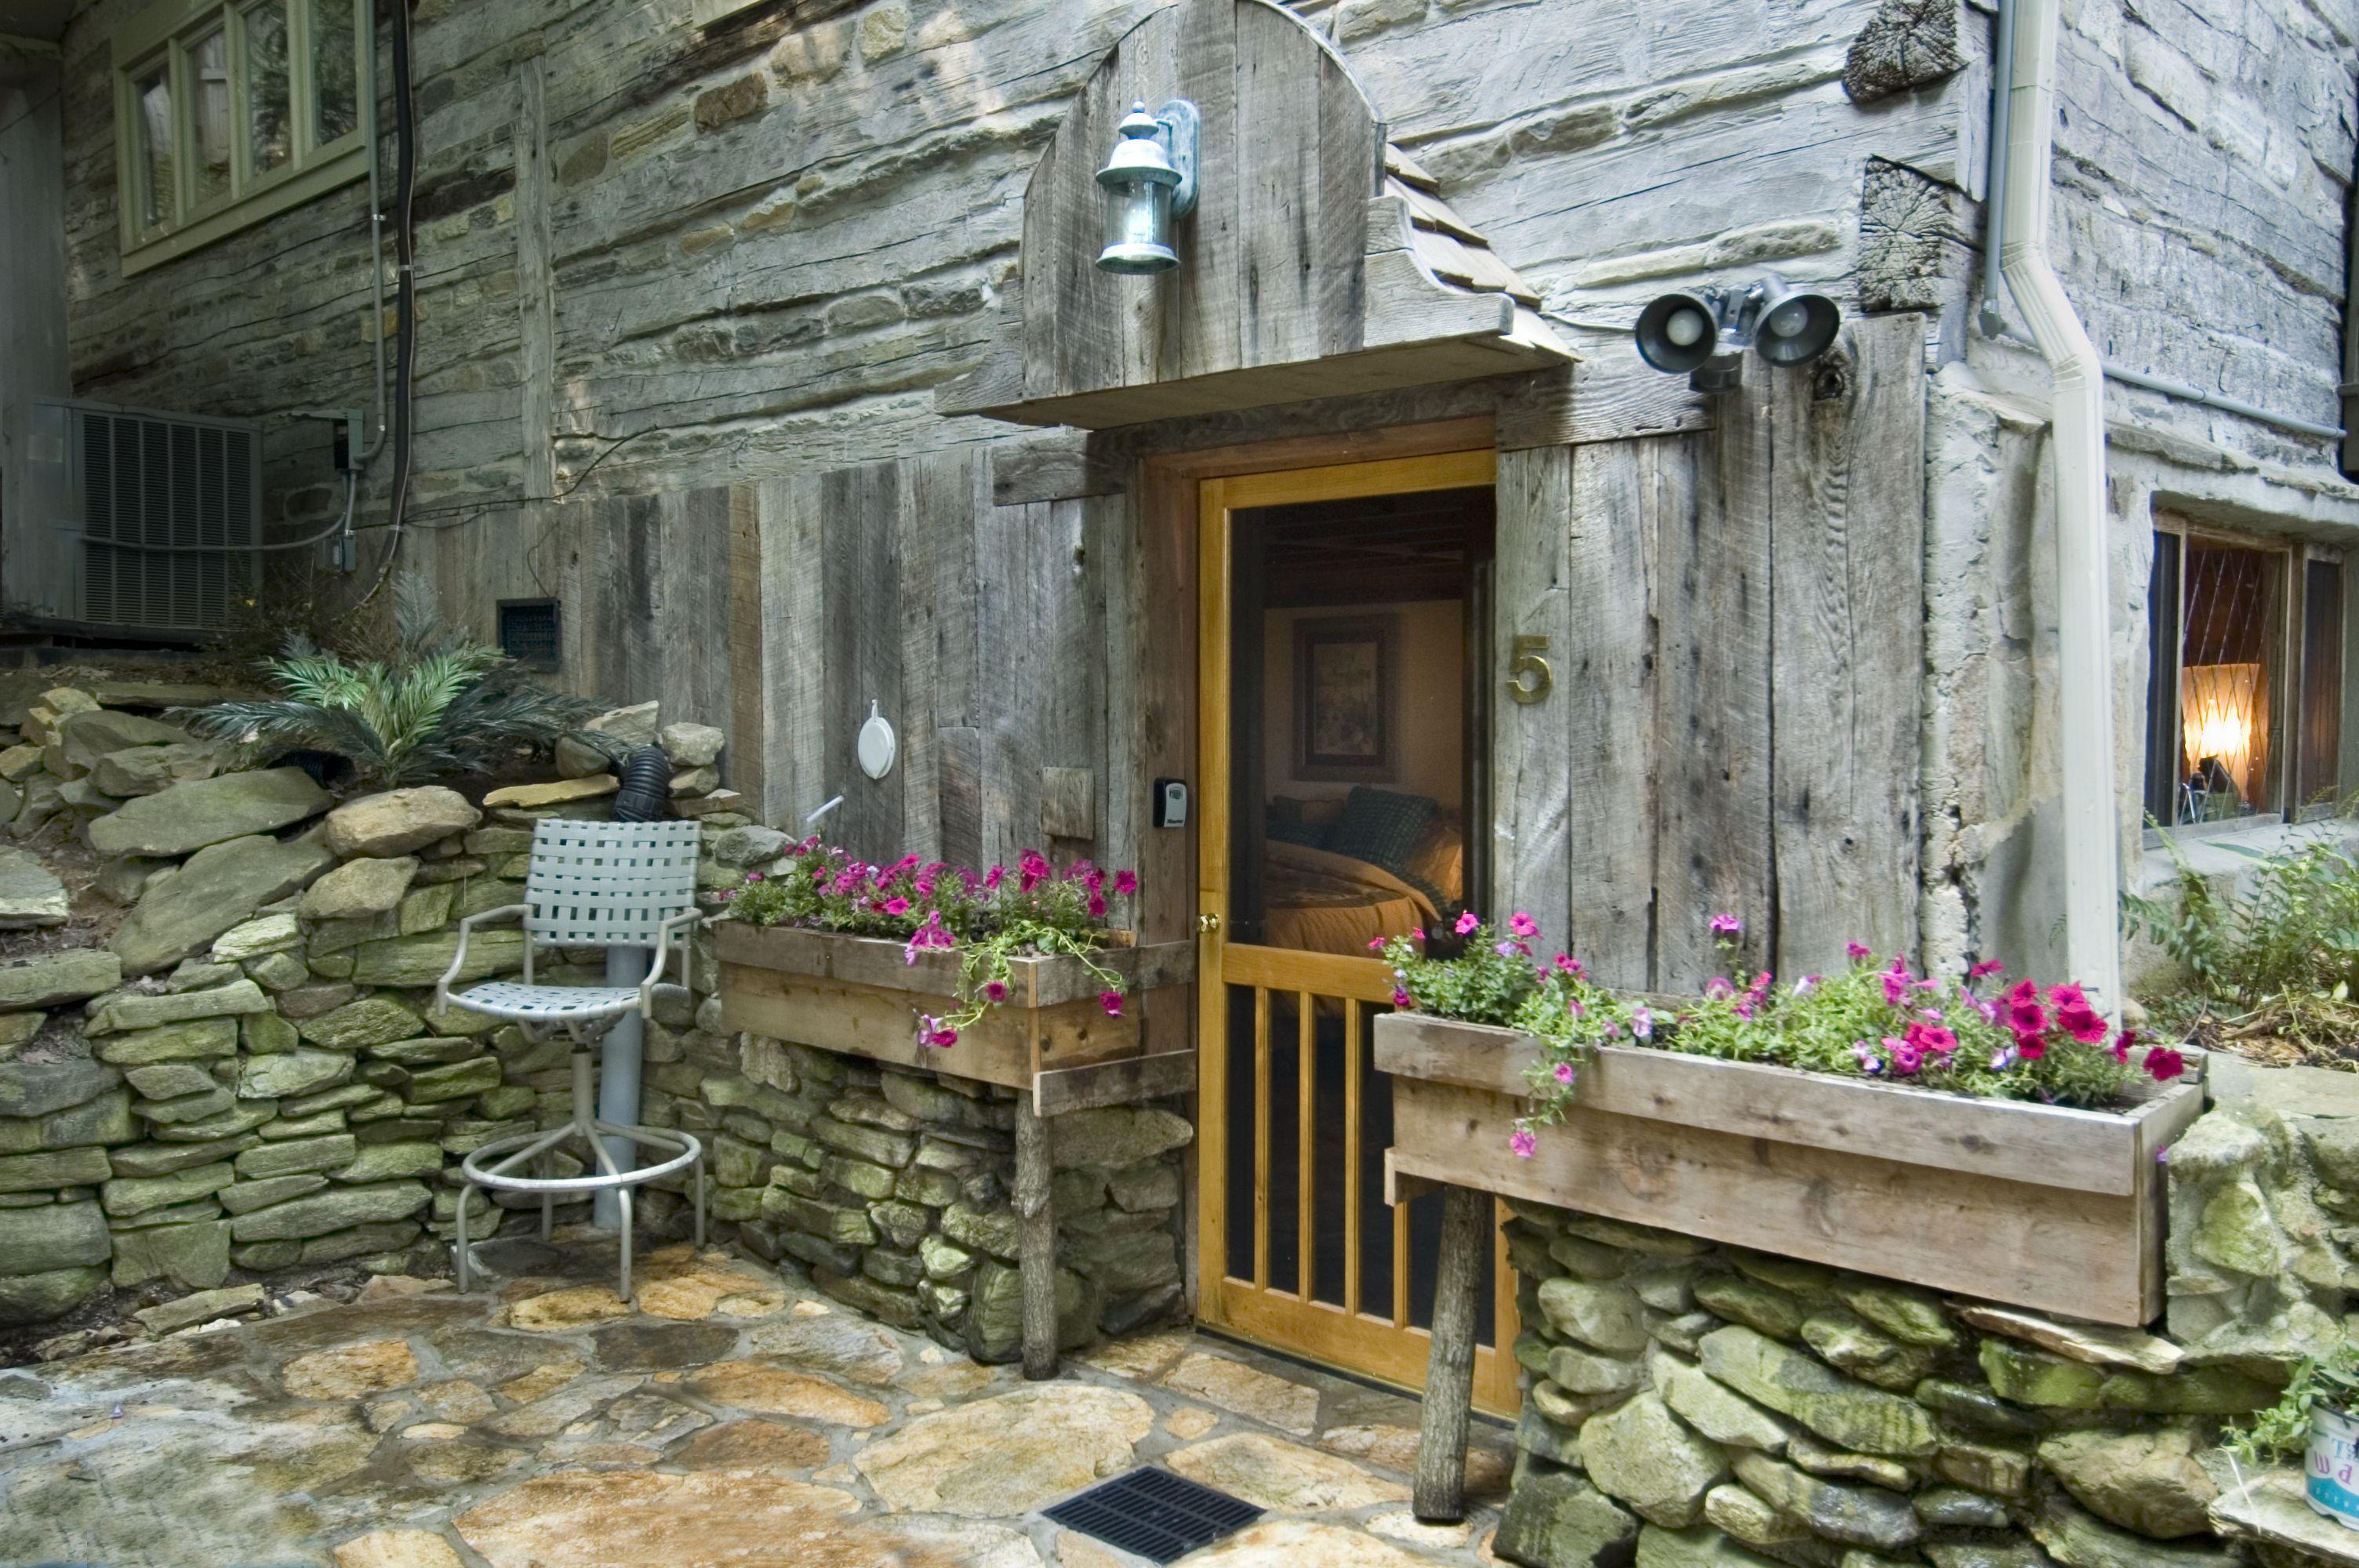 West Oak Bed & Breakfast Room 5 Entrance Bryson city